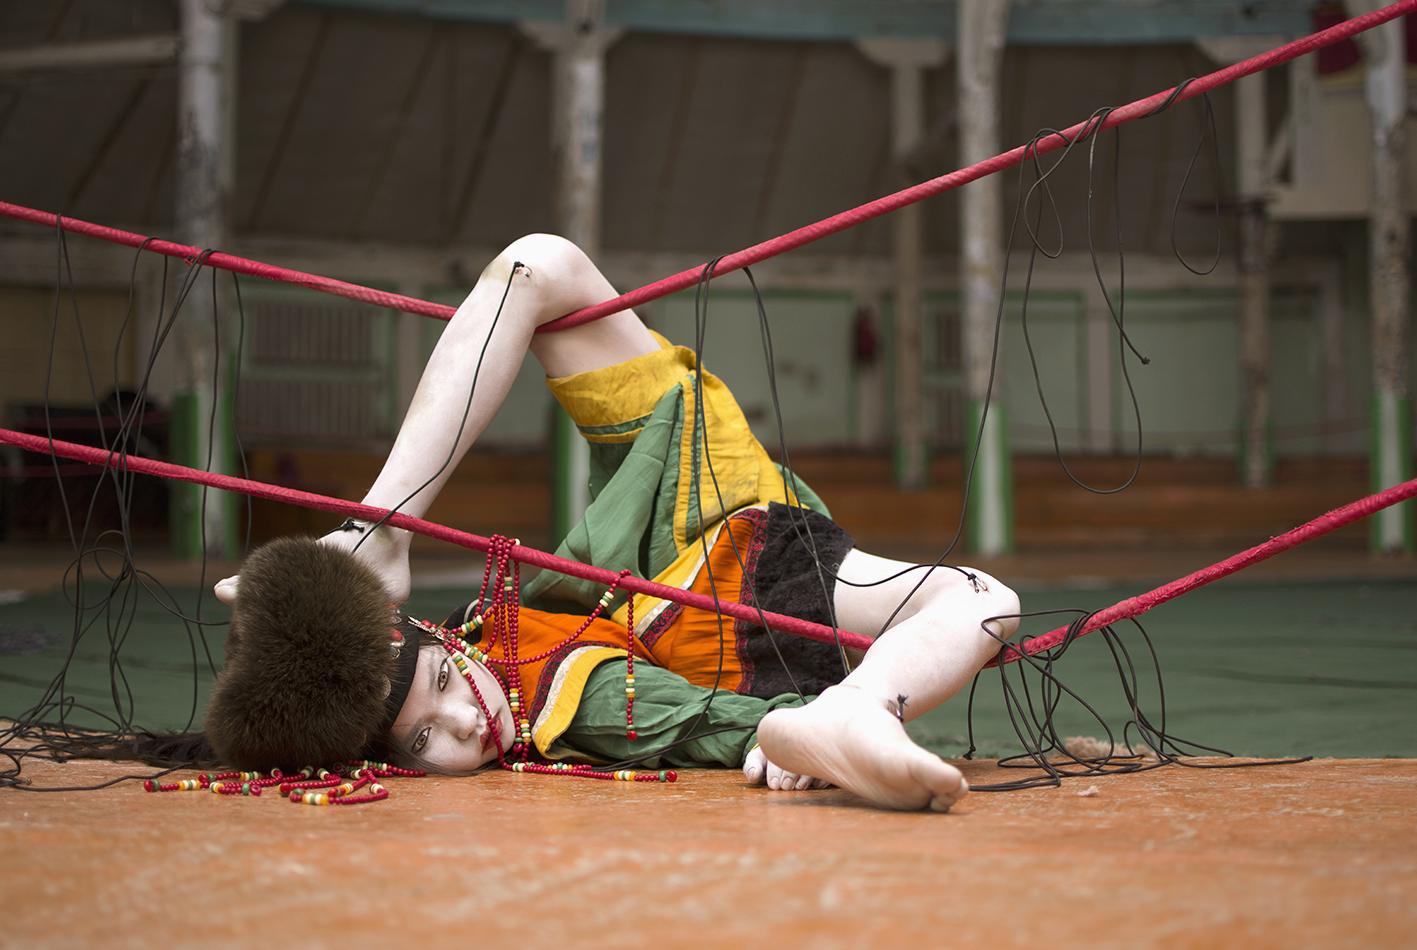 Pinocchio 8.4, Alice Laloy Modèle : Toumentuya Nyamtuya - TOUM2 Studio uuriintsolmon- Oulan Bator - MONGOLIE ©Alice Laloy